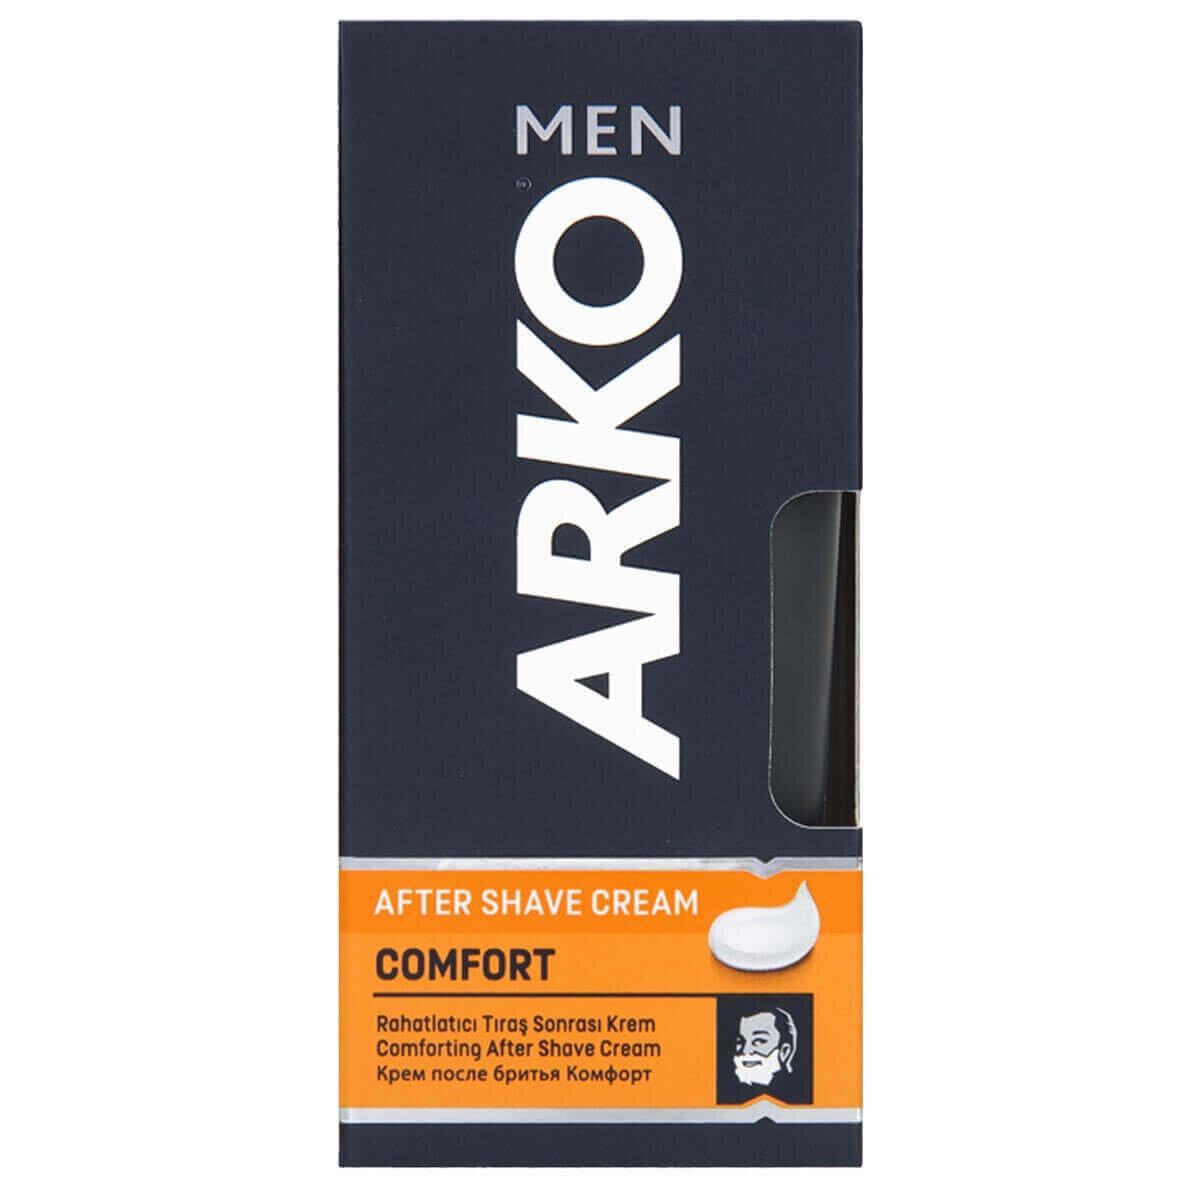 Max Comfort Tıraş Sonrasi Krem 50ml